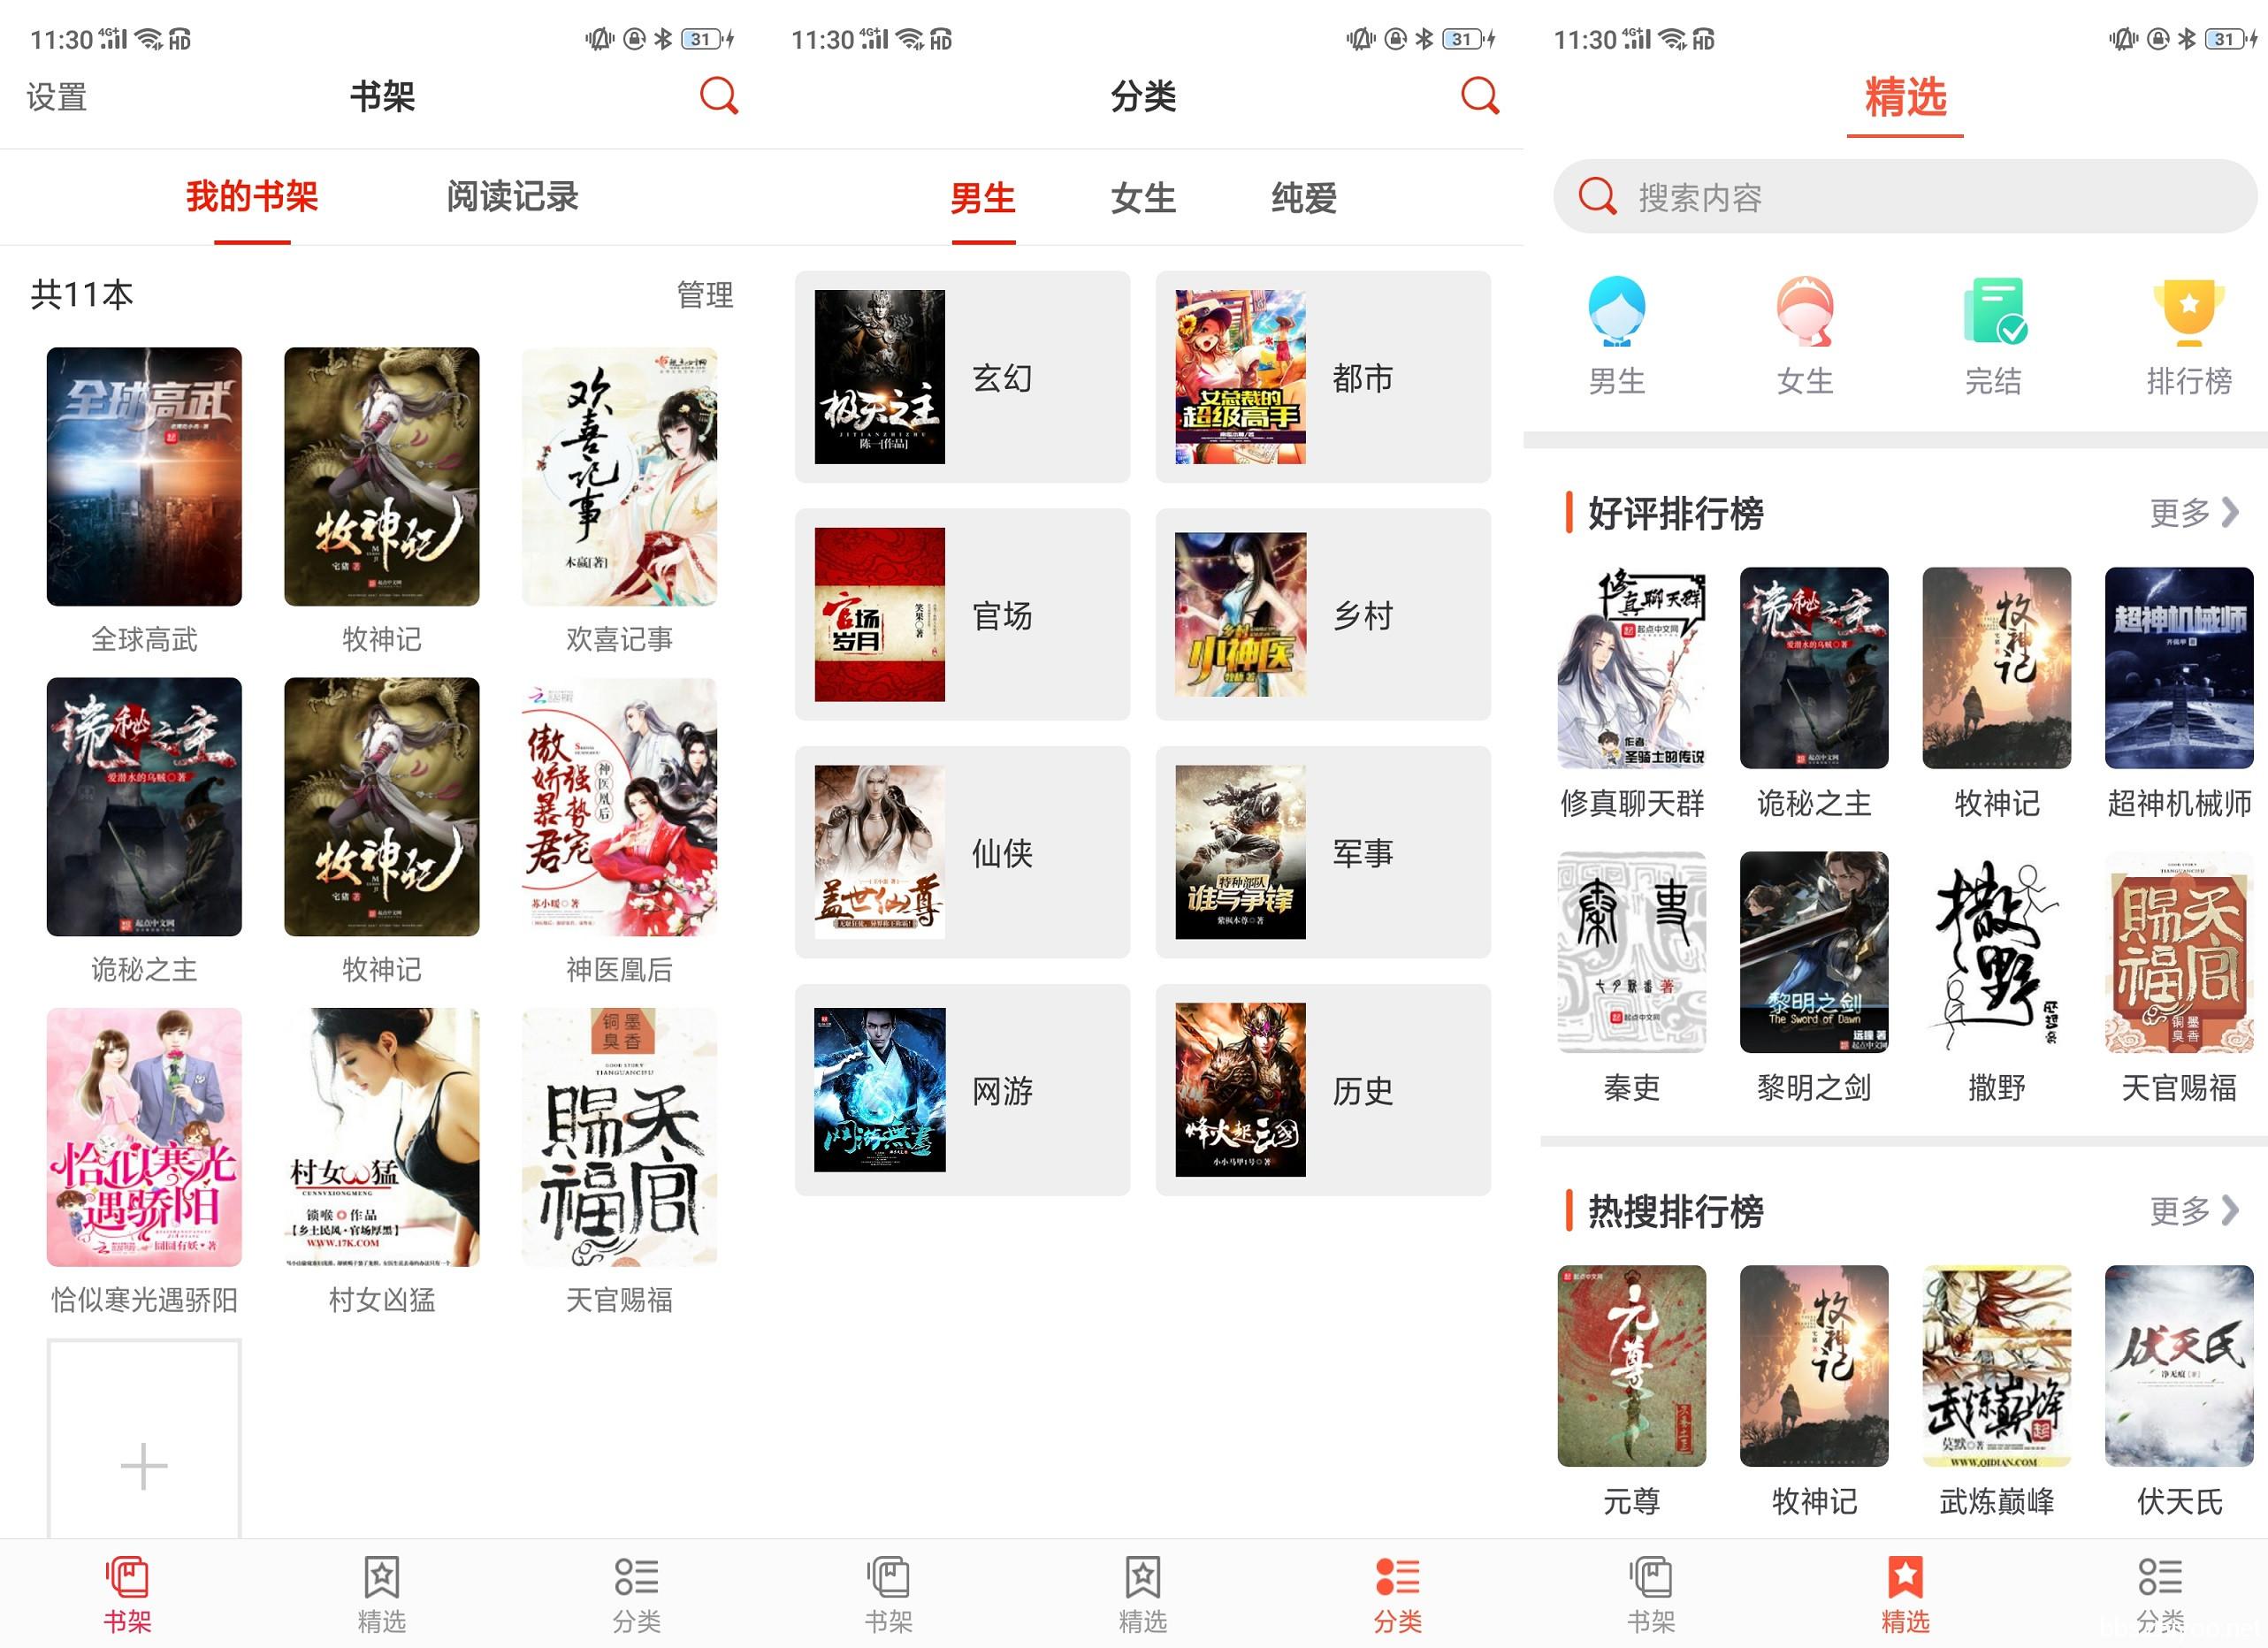 小说淘淘v1.0.18无广告版 清爽阅读